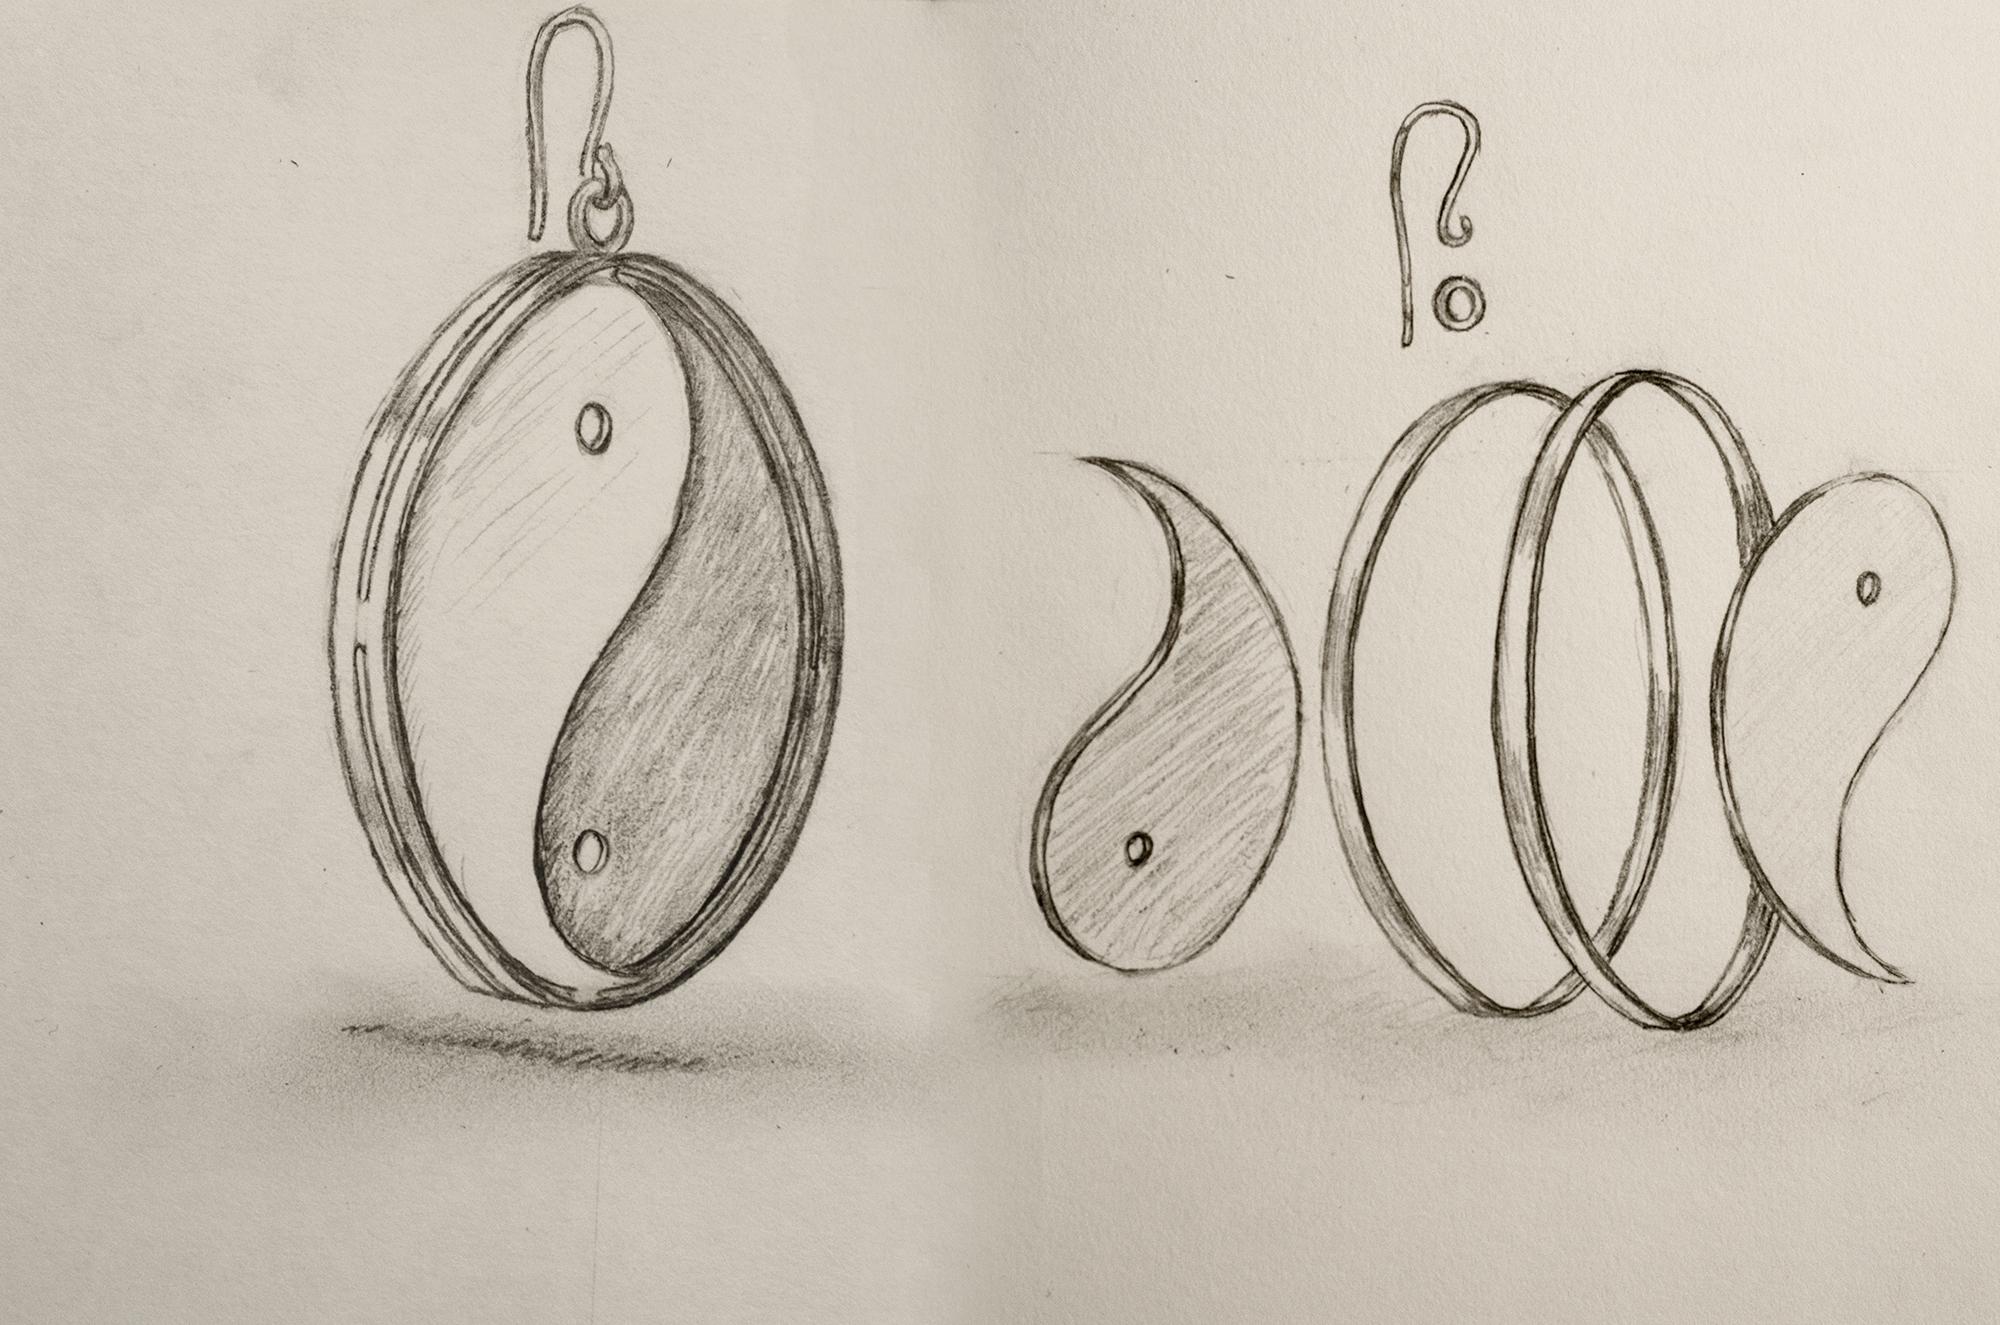 Дипломная работа по ювелирному проектированию 1704